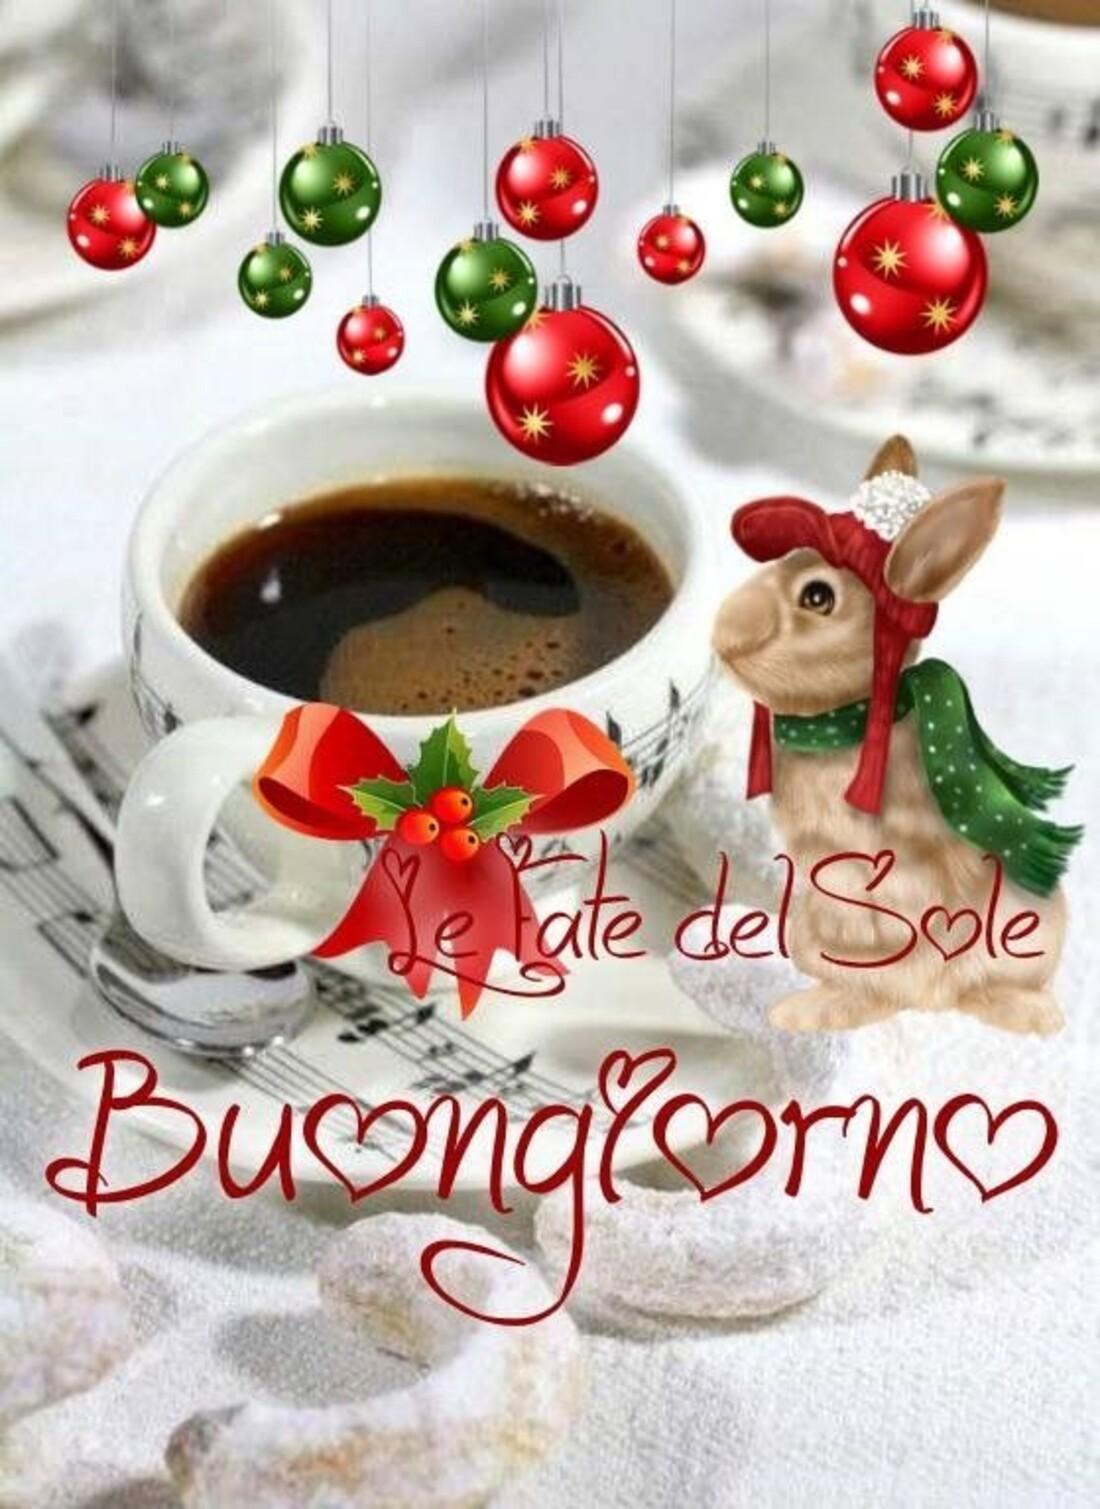 Buongiorno caffè natalizio